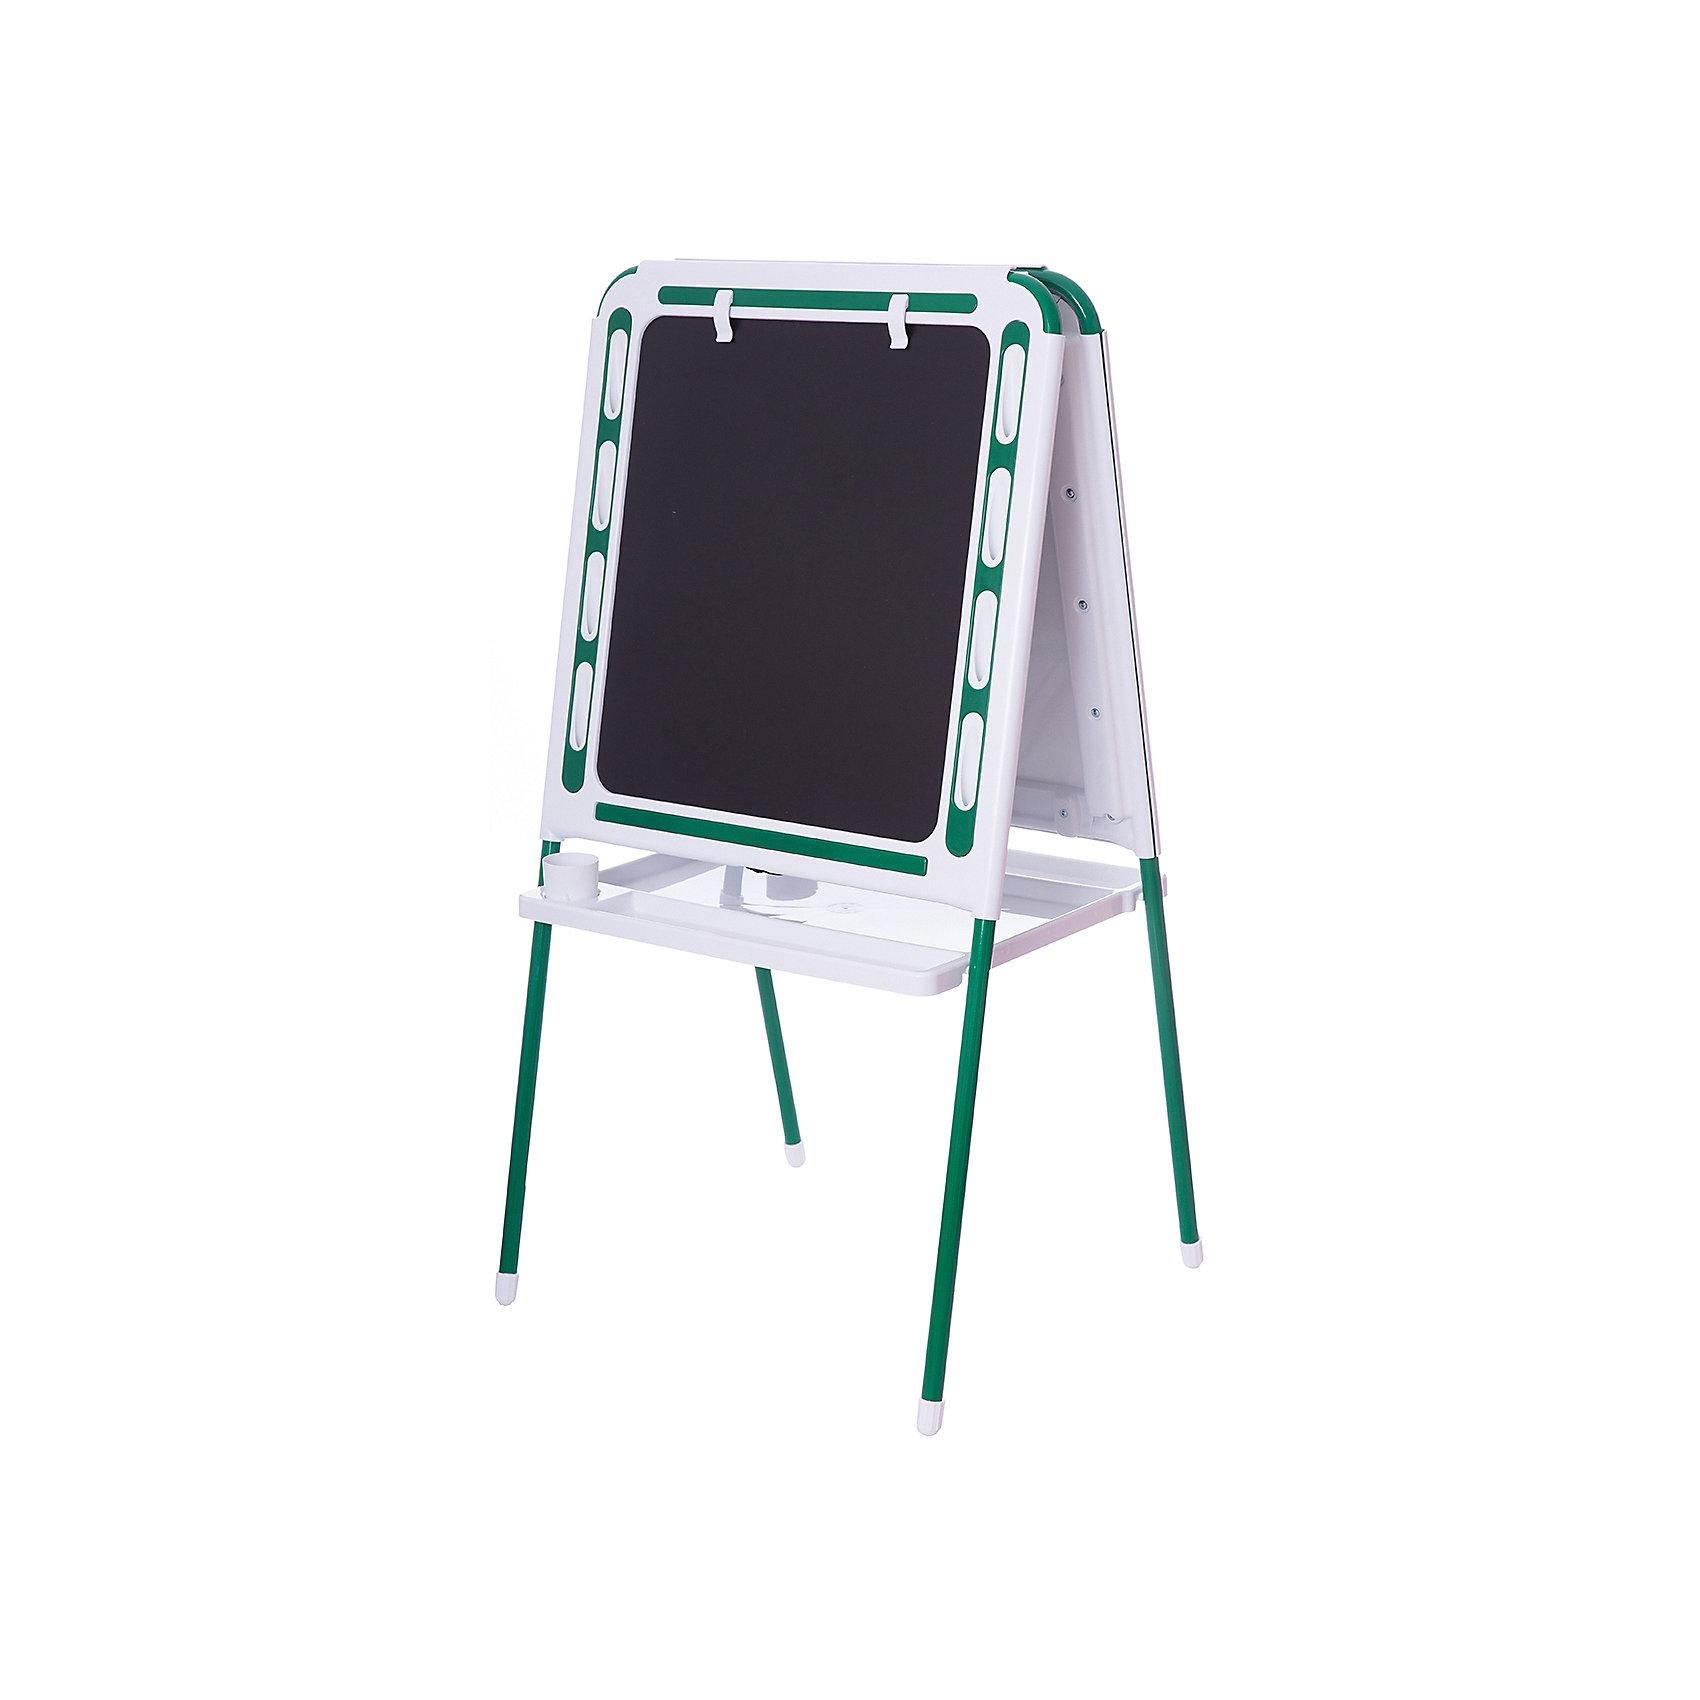 Зеленый мольбертЗеленый мольберт – это мольберт с двумя рабочими поверхностями, предназначенный для детского творчества и развития.<br>Современный, функциональный и очень удобный мольберт - это универсальный уголок для рисования и обучения у вас дома. Двойная доска устанавливается «домиком» прямо на пол и не требует дополнительных креплений. На металлических ножках – пластмассовые заглушки. Мольберт спроектирован особым образом: он может  использоваться двумя детьми одновременно. С обеих сторон мольберта есть удобные зажимы для бумаги. В комплект входят два стаканчика для рисования, большая полка для альбомов и красок. Мольберт подходит для работы красками, мелом, карандашами и маркерами. Юный художник по достоинству оценит удобные пазы-подставки для канцелярских принадлежностей, расположенные прямо на рамке мольберта, слева и справа от его рабочей поверхности. Углы мольберта скруглены для снижения травматичности ребенка.<br><br>Дополнительная информация:<br><br>- В комплекте: мольберт, два стаканчика для рисования, полка<br>- Цвет: белый, зеленый<br>- Материал: пластик, металл<br>- Размер: 100,5х48 см.<br>- Размер упаковки: 112х55х70 см.<br>- Вес: 14,2 кг.<br><br>Зеленый мольберт можно купить в нашем интернет-магазине.<br><br>Ширина мм: 1220<br>Глубина мм: 650<br>Высота мм: 110<br>Вес г: 14200<br>Возраст от месяцев: -2147483648<br>Возраст до месяцев: 2147483647<br>Пол: Унисекс<br>Возраст: Детский<br>SKU: 4589685